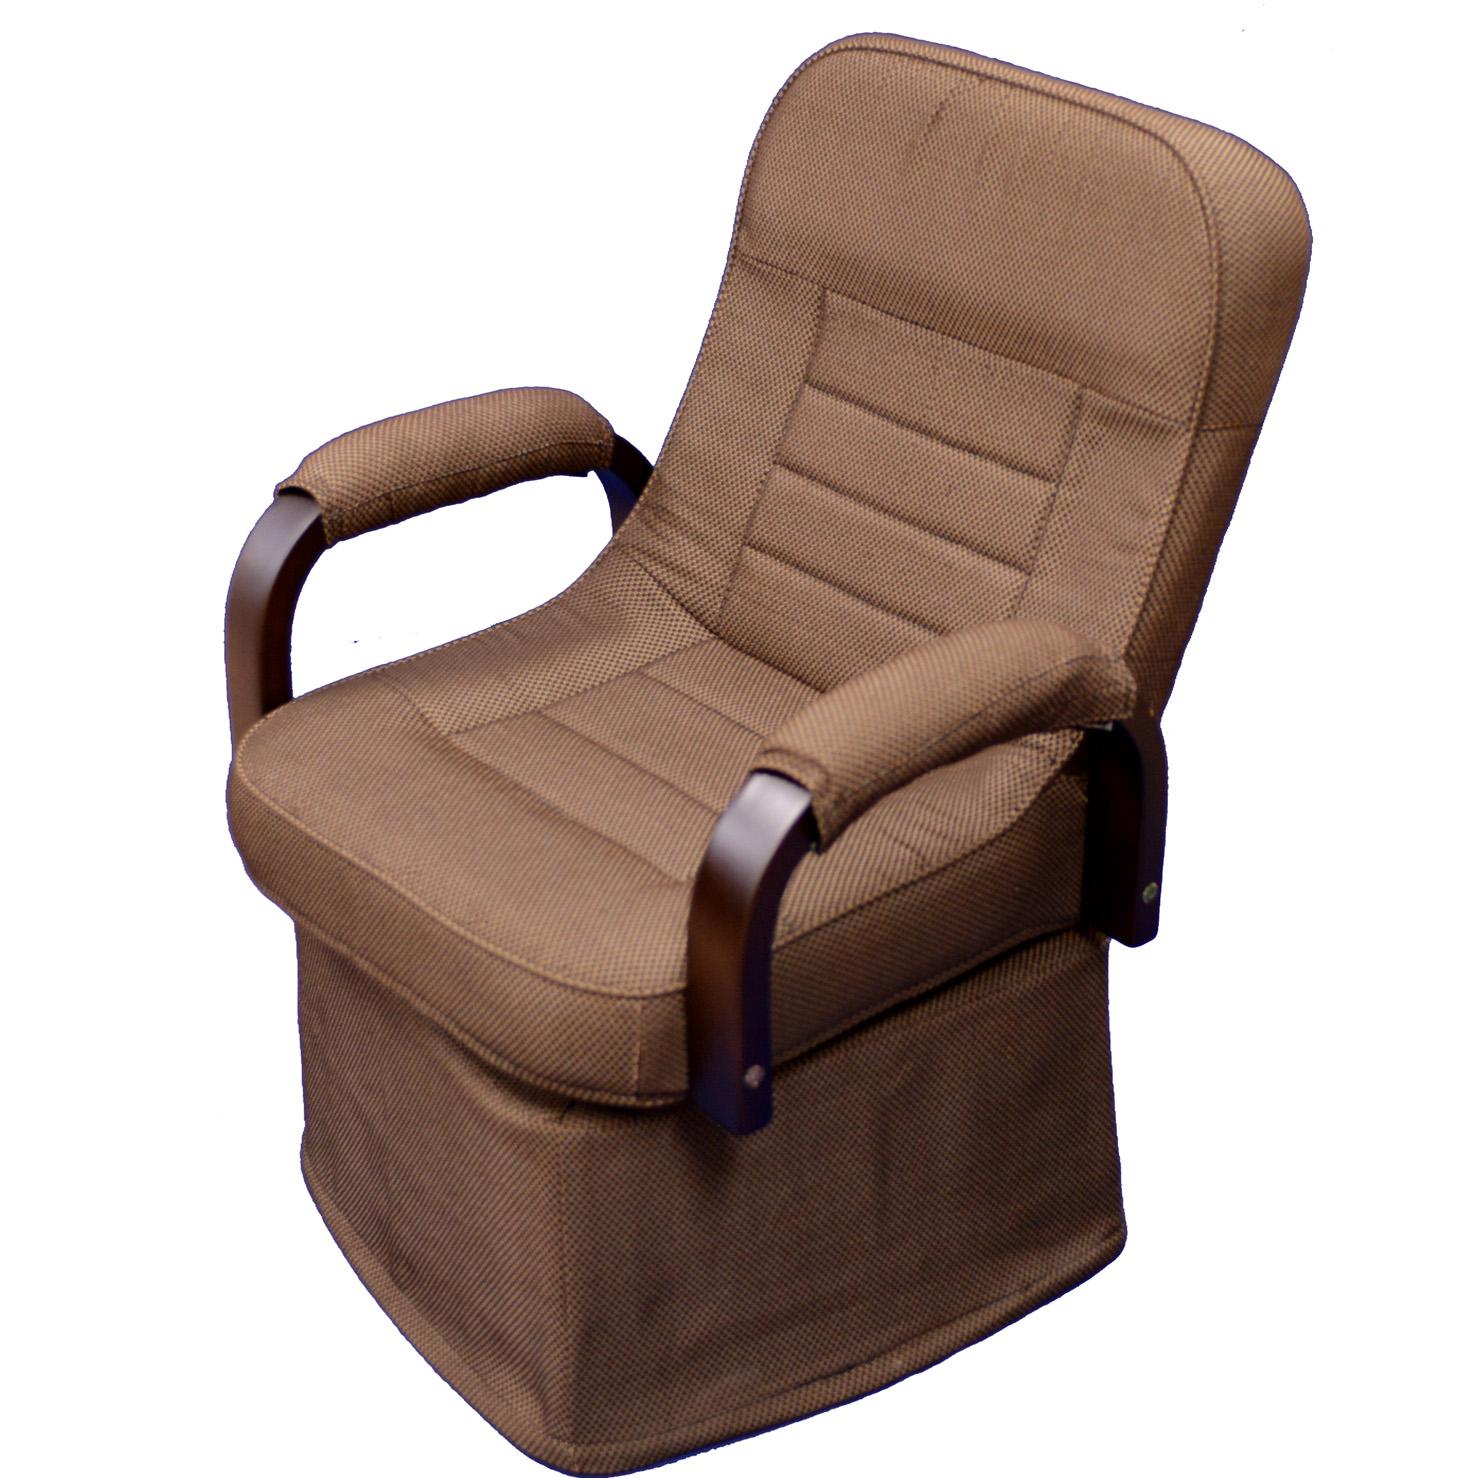 ダイニングこたつ 椅子 リクライニング機能つき、回転チェア DWS-10H(ダイニングこたつに最適)